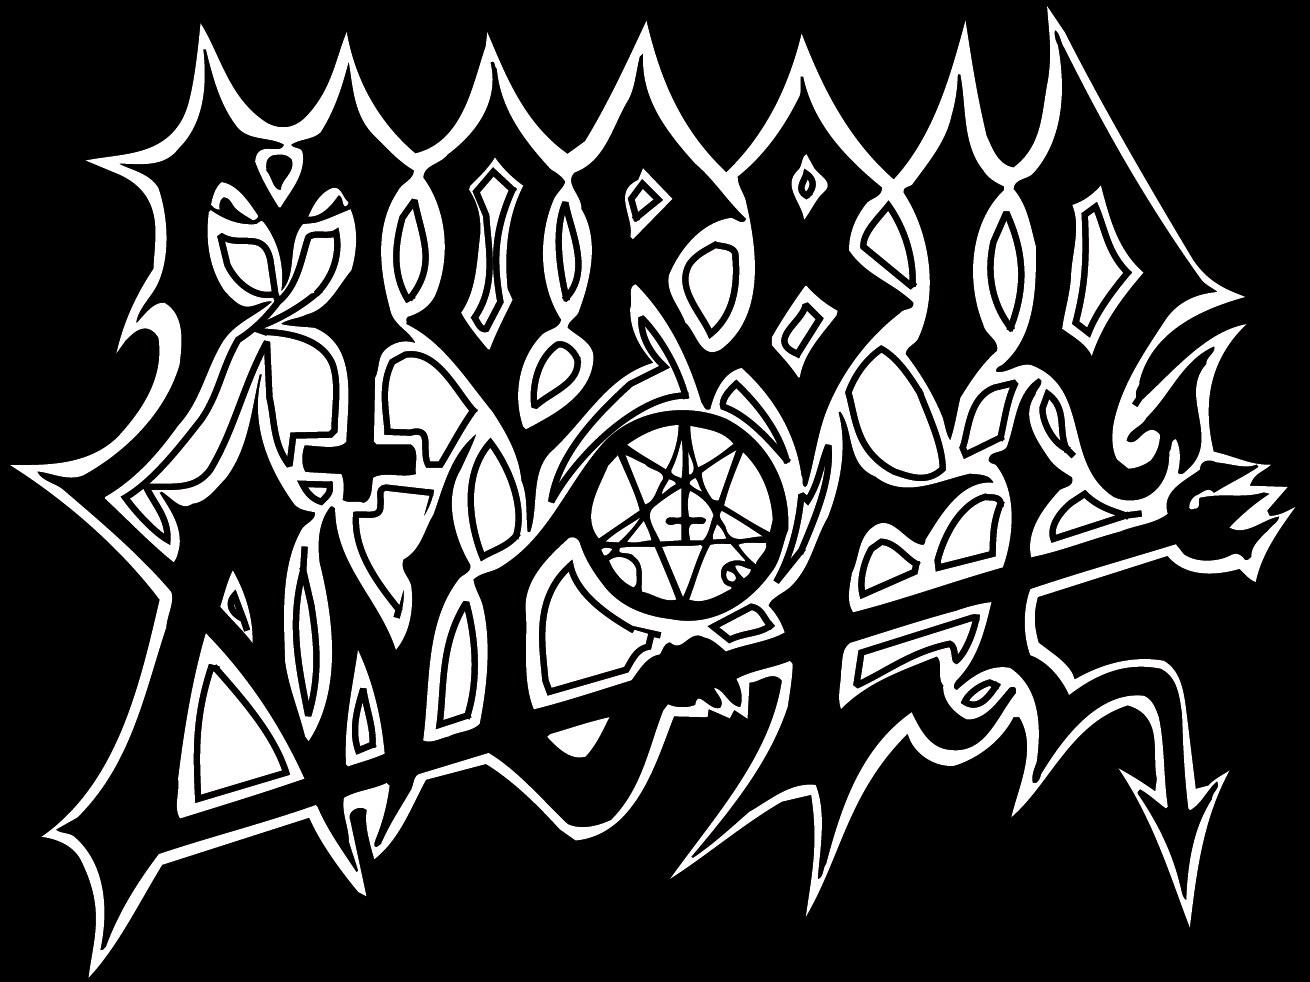 Drawn angel logo #11